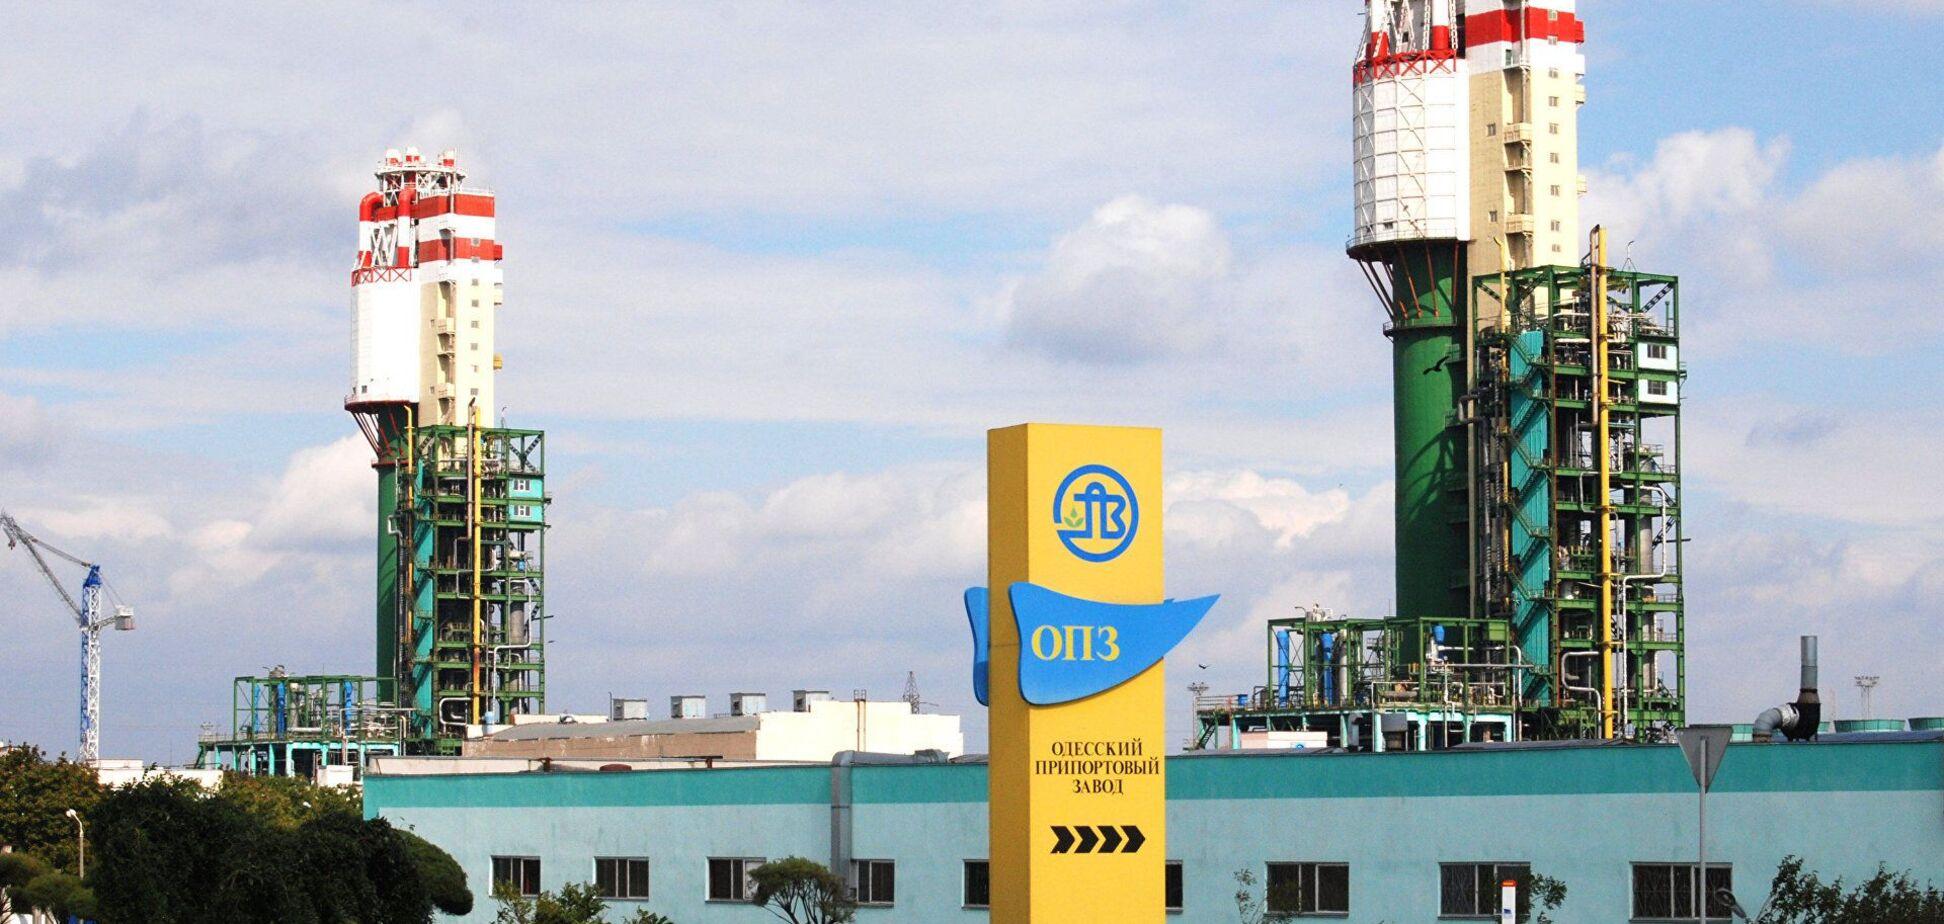 Аудит выявил миллионные нарушения на Одесском припортовом заводе, уволен экс-глава правления Синица – эксперт